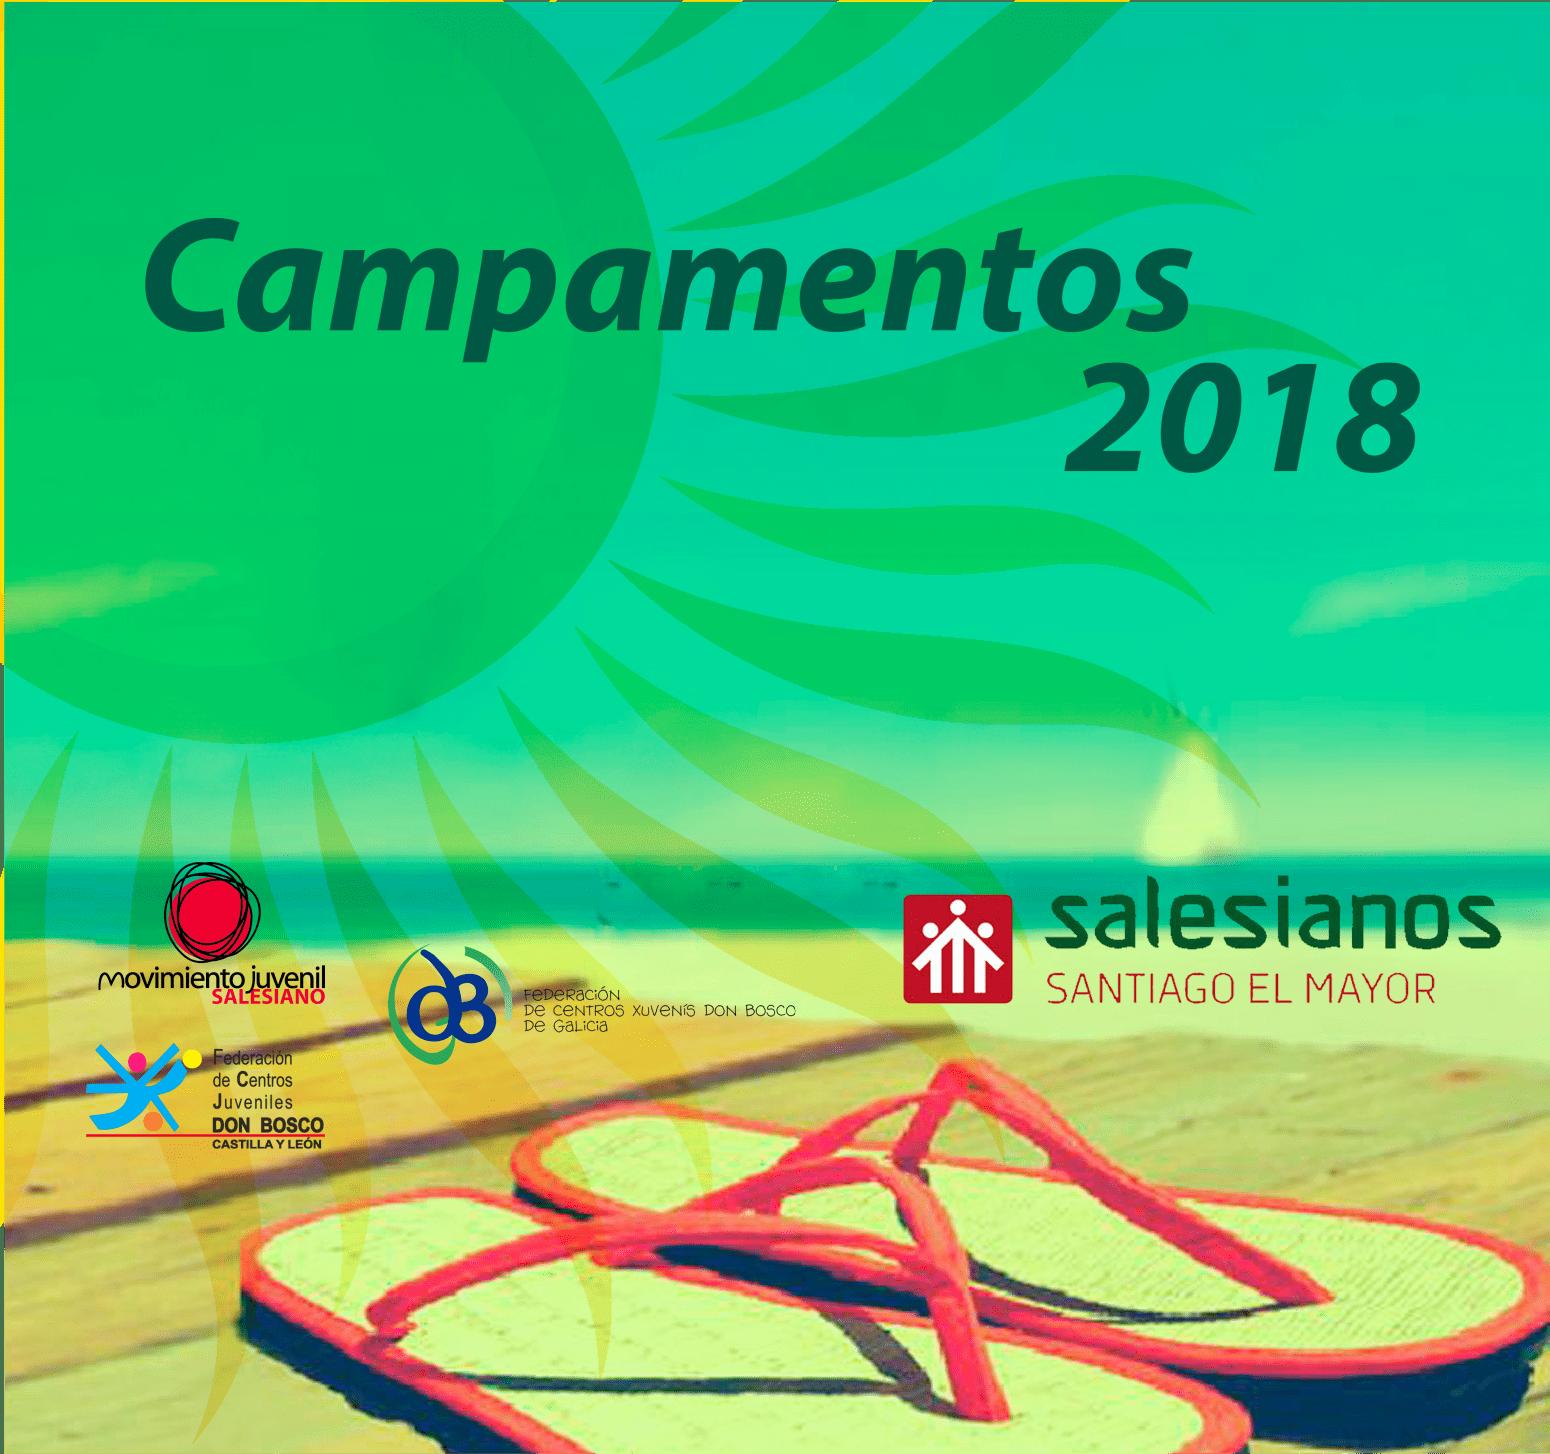 Campamentos Y Cursillos Verano 2018 (Preinscripción)